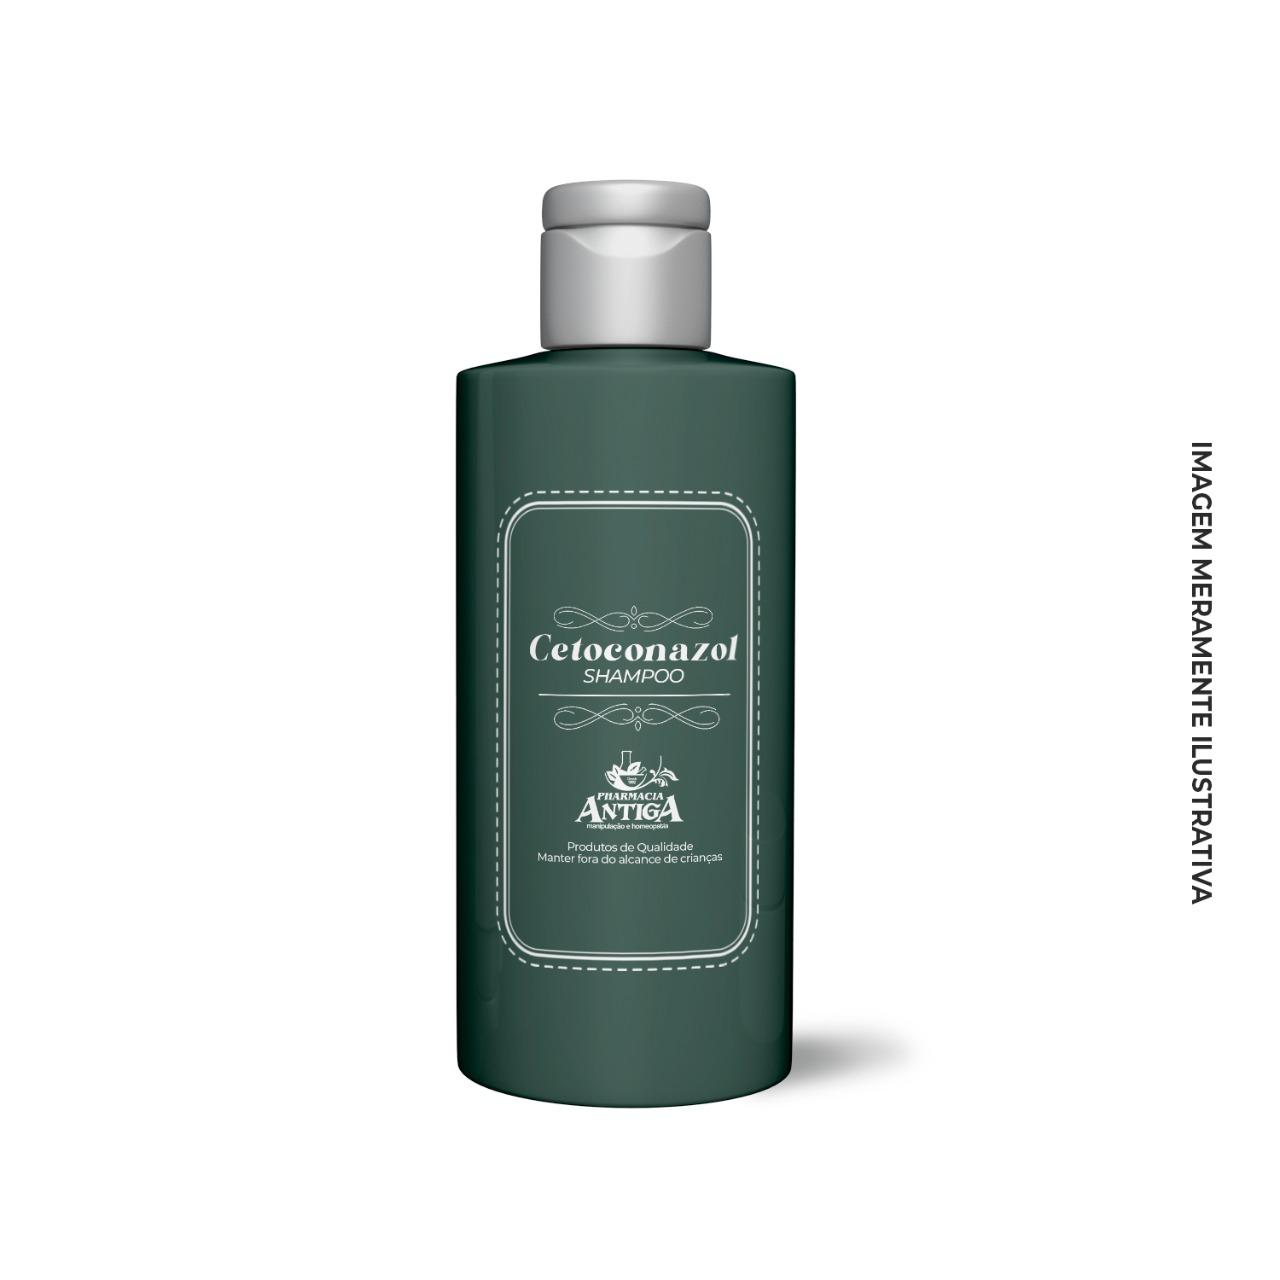 Shampoo Cetoconazol 2% 120 ml